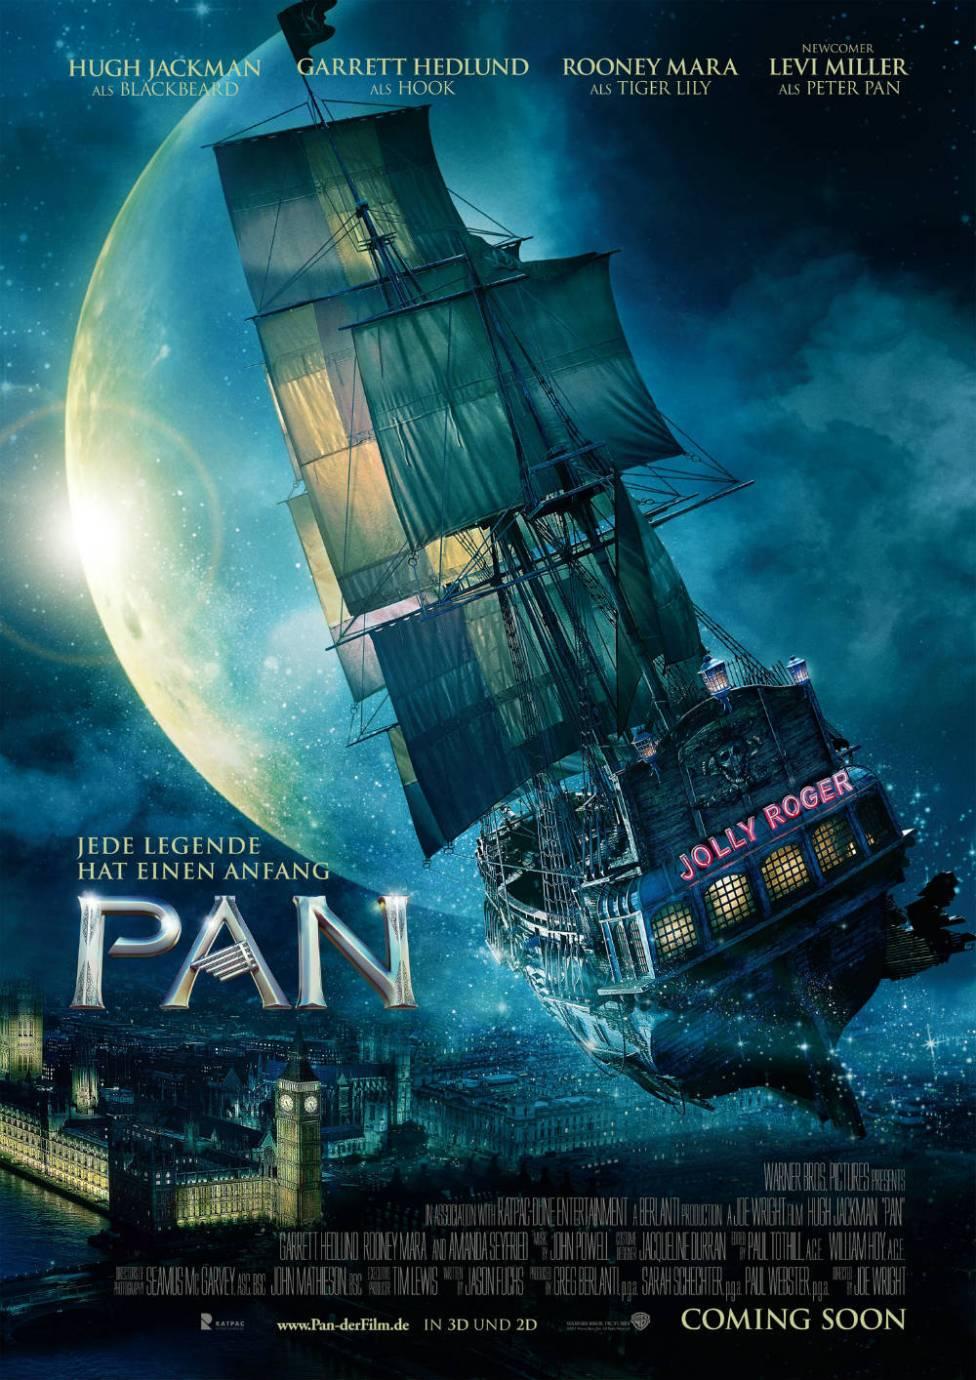 PAN-3D-deutsches-filmposter-klein